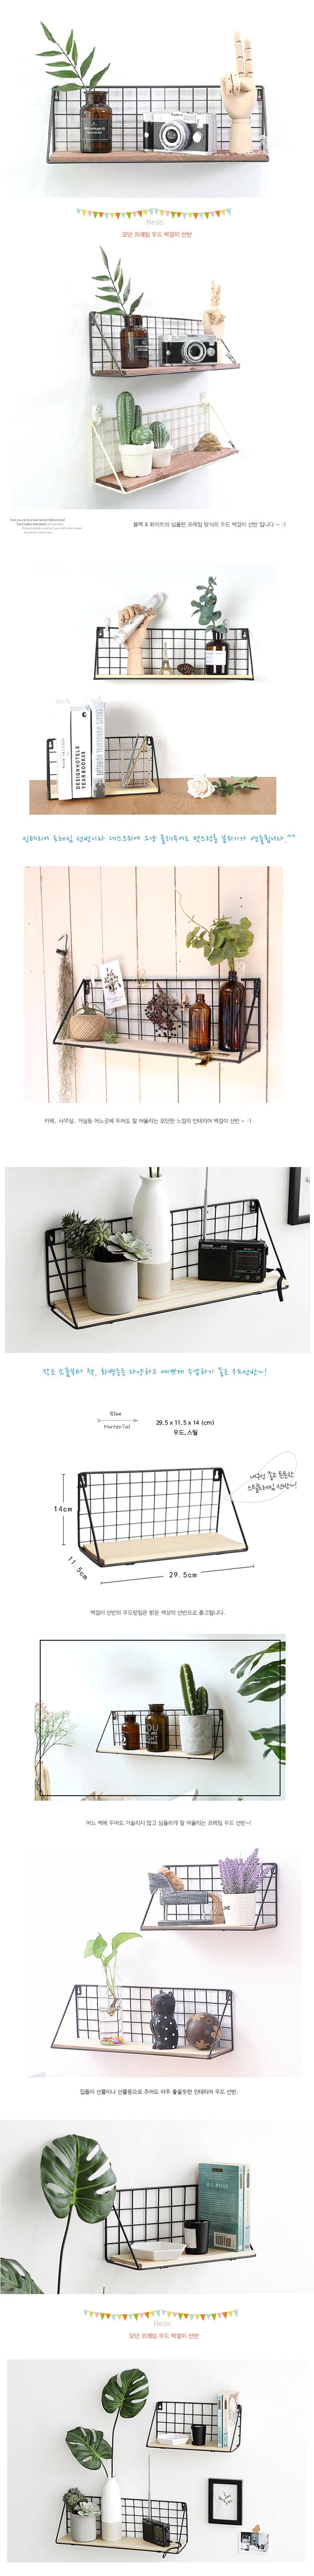 모던프레임우드벽걸이선반 - 미스터고물상, 7,200원, 수납/선반장, 벽선반